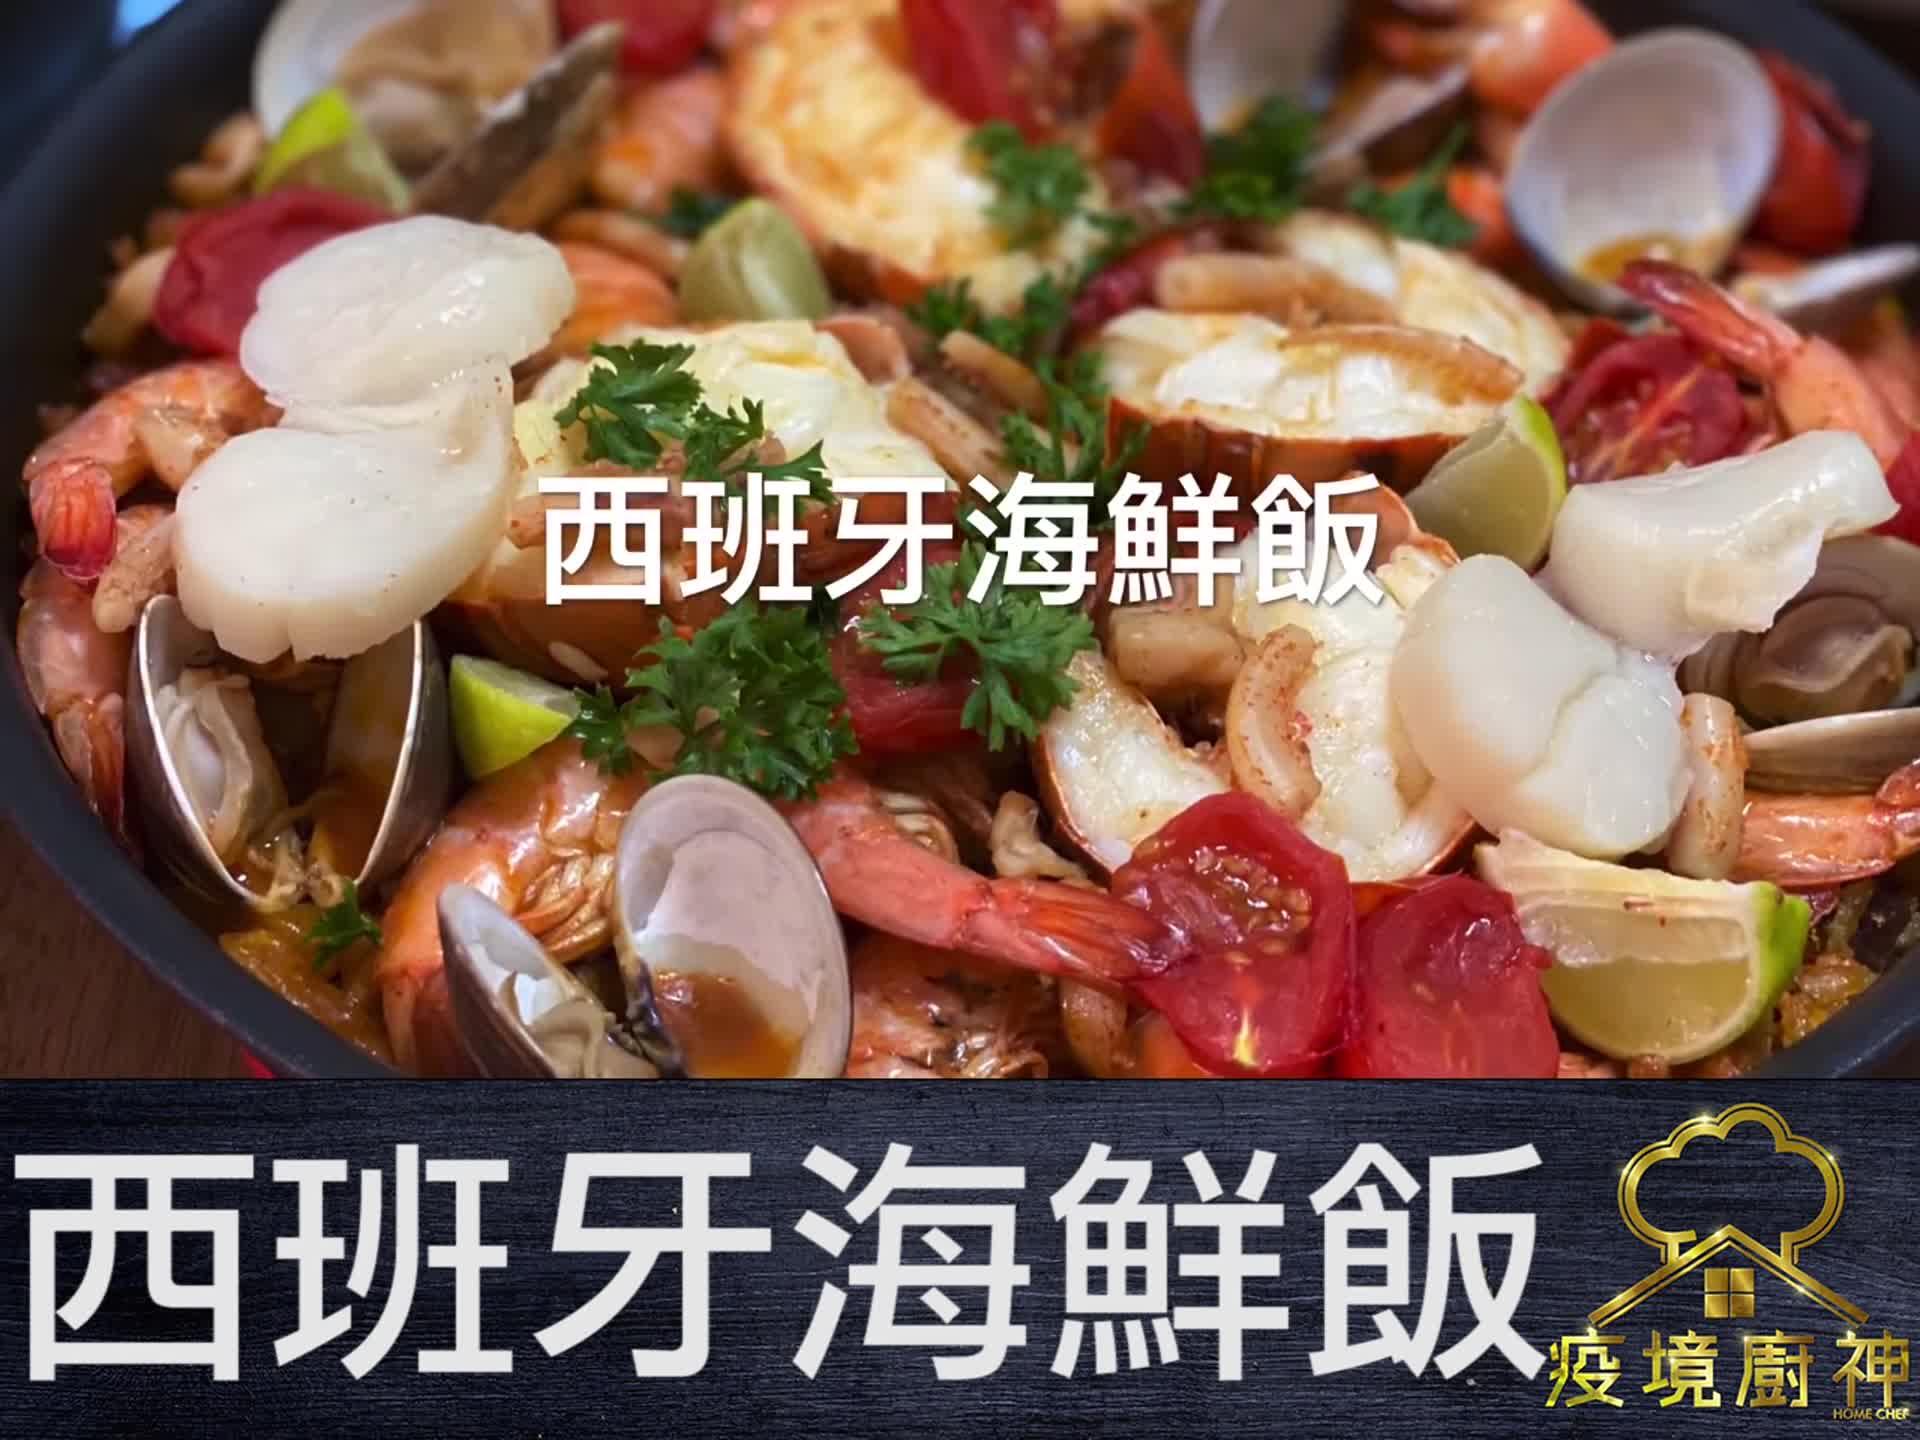 【西班牙海鮮飯】Paella 海鮮飯係西班牙最出名嘅國菜 香港海鮮應有盡有 學識就可以做Party嘅主角啦!